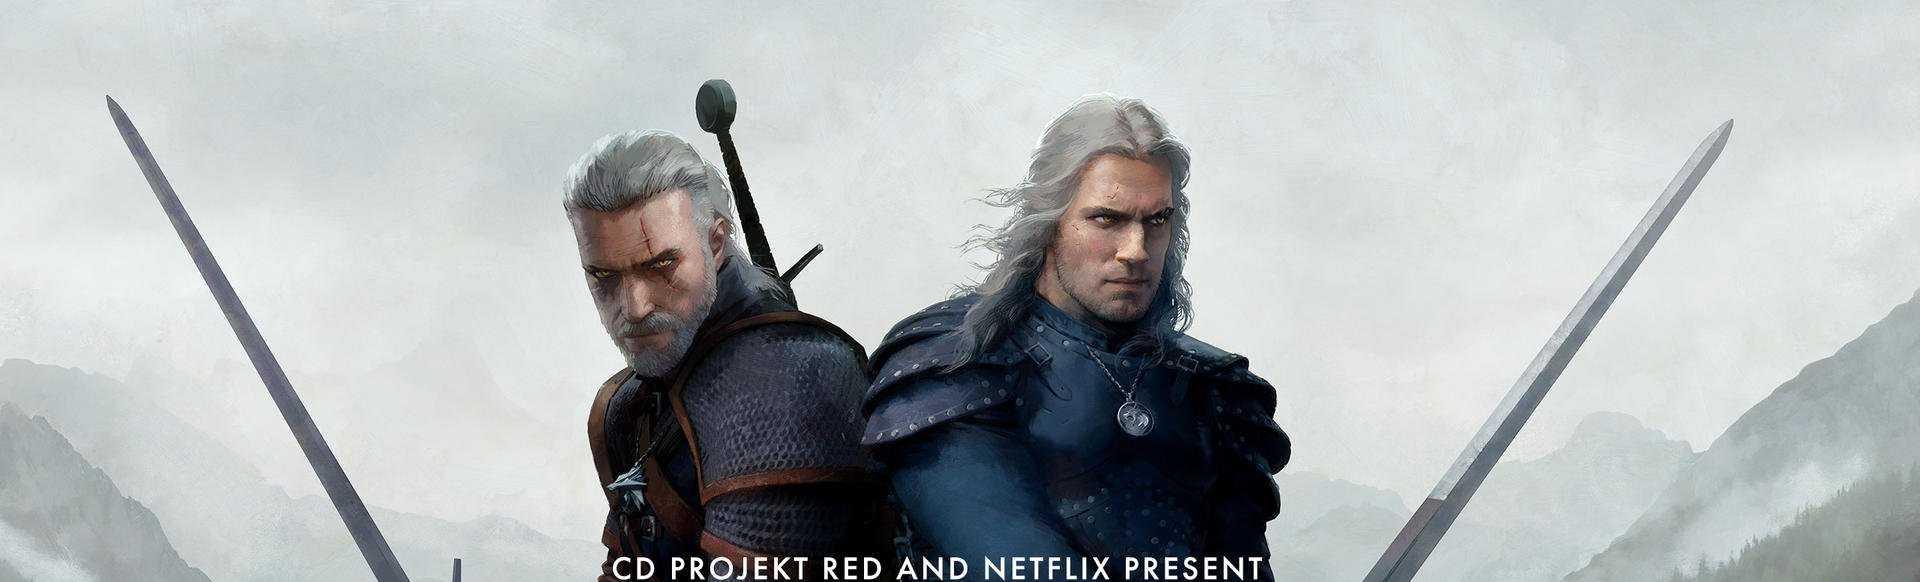 WitcherCon: Netflix presenta la programación para el evento Witcher